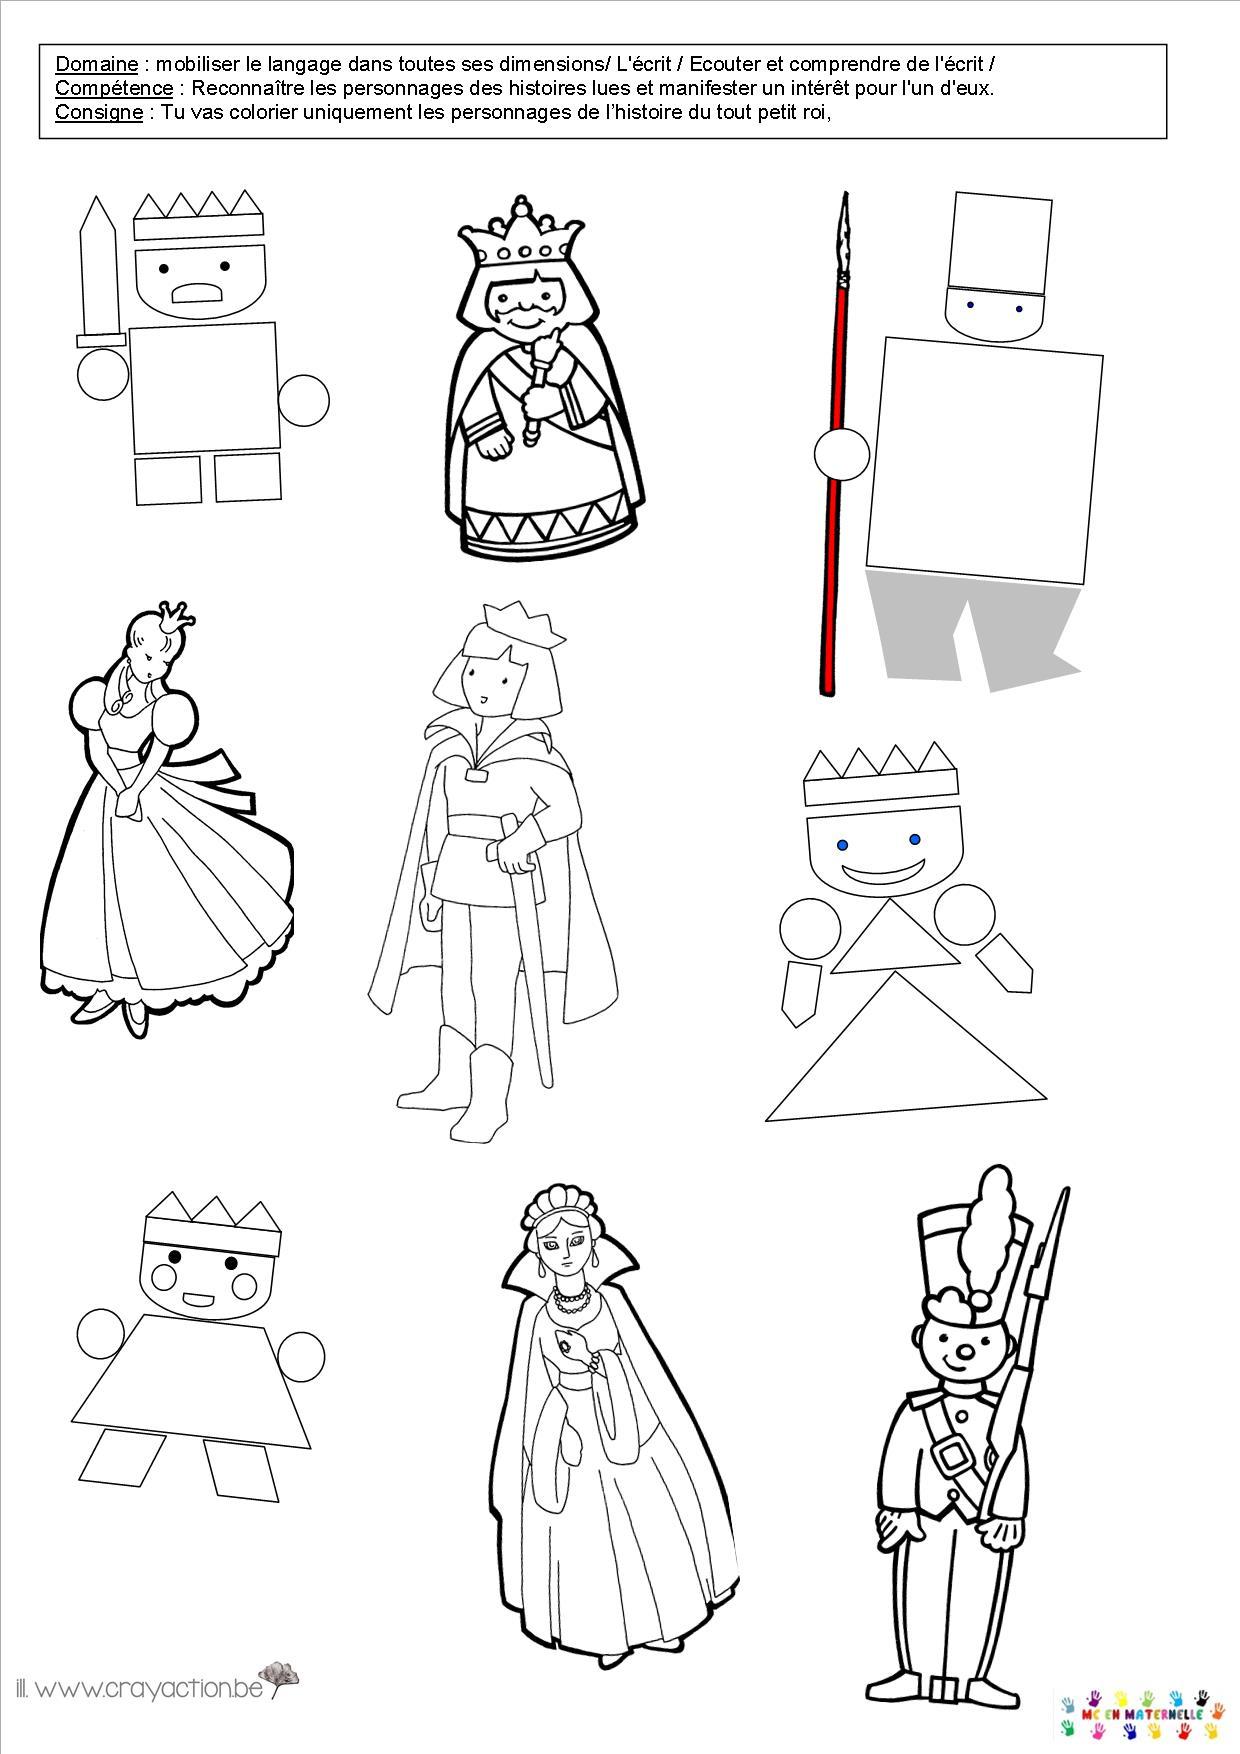 Le tout petit roi reconna tre les personnages mc en maternelle - Coloriage tout petit ...